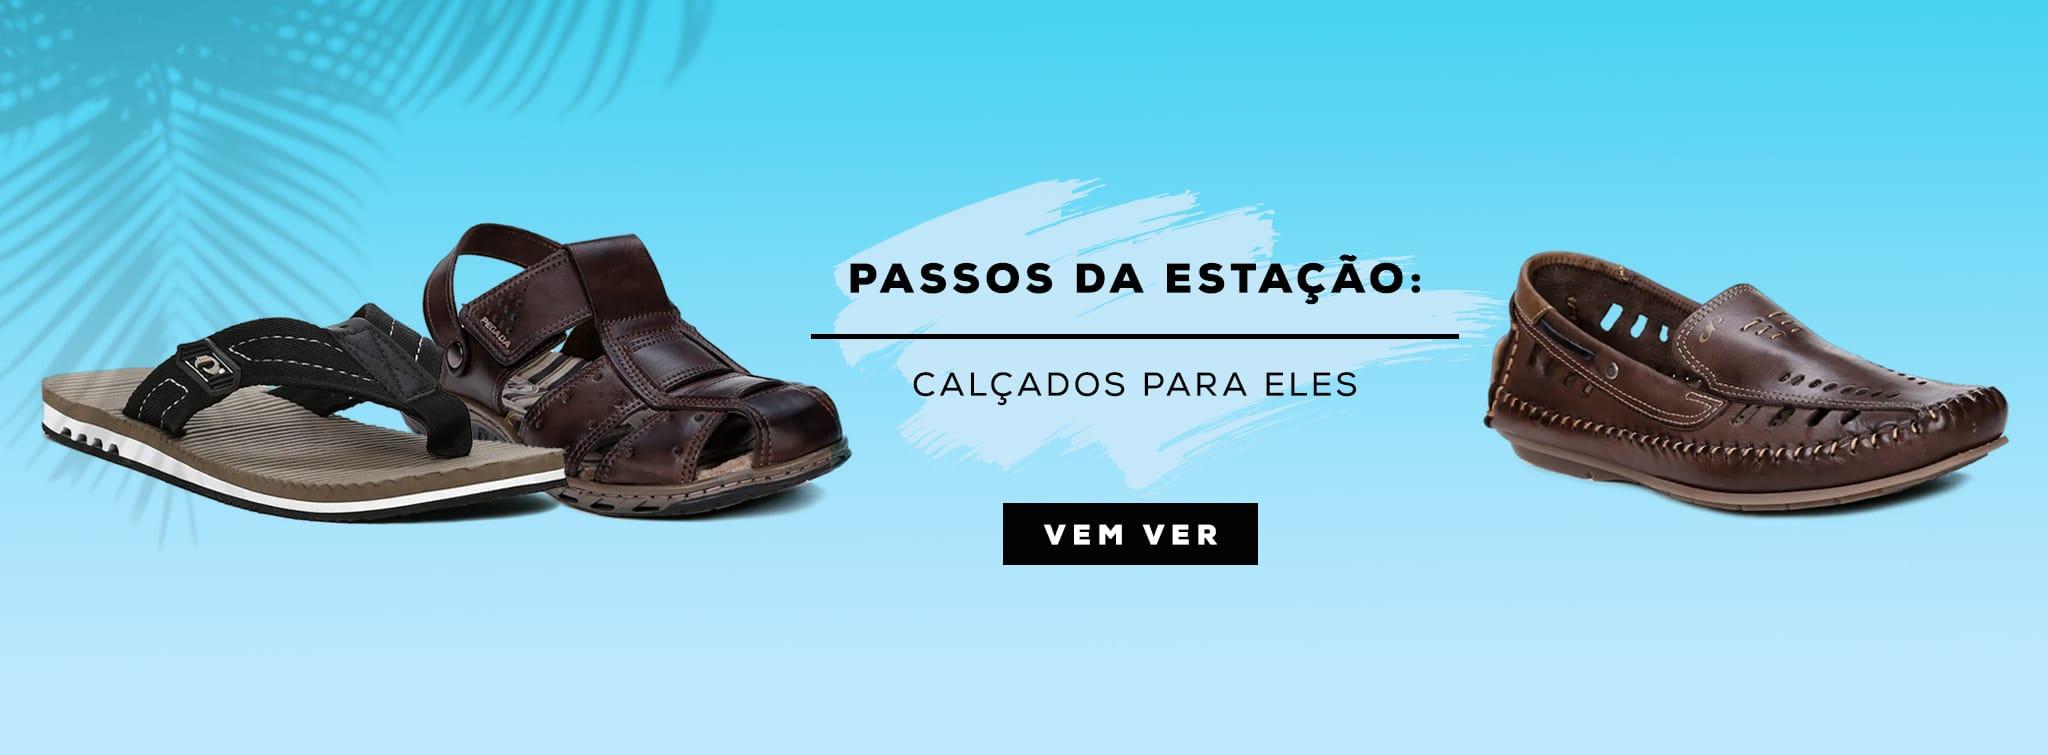 Calçados Masculinos - 20190111